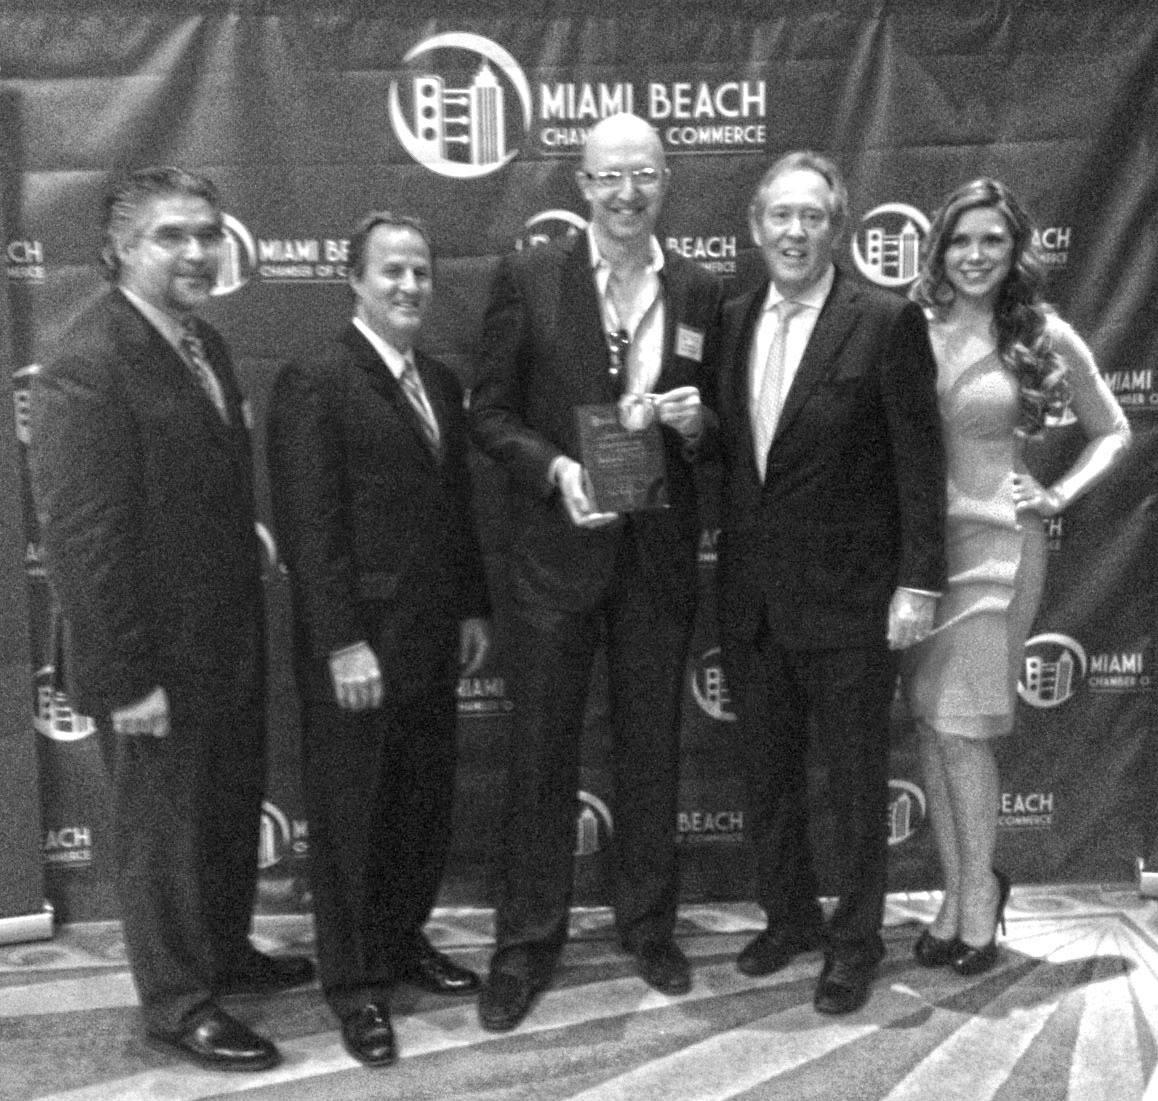 Photo (L to R): Jury head Reinaldo Borges, AIA; MBCC Chair Michael Goldberg; Allan Shulman, FAIA; MBCC President Jerry Libin; Miss South Beach Melissa Barragan-Shaw.